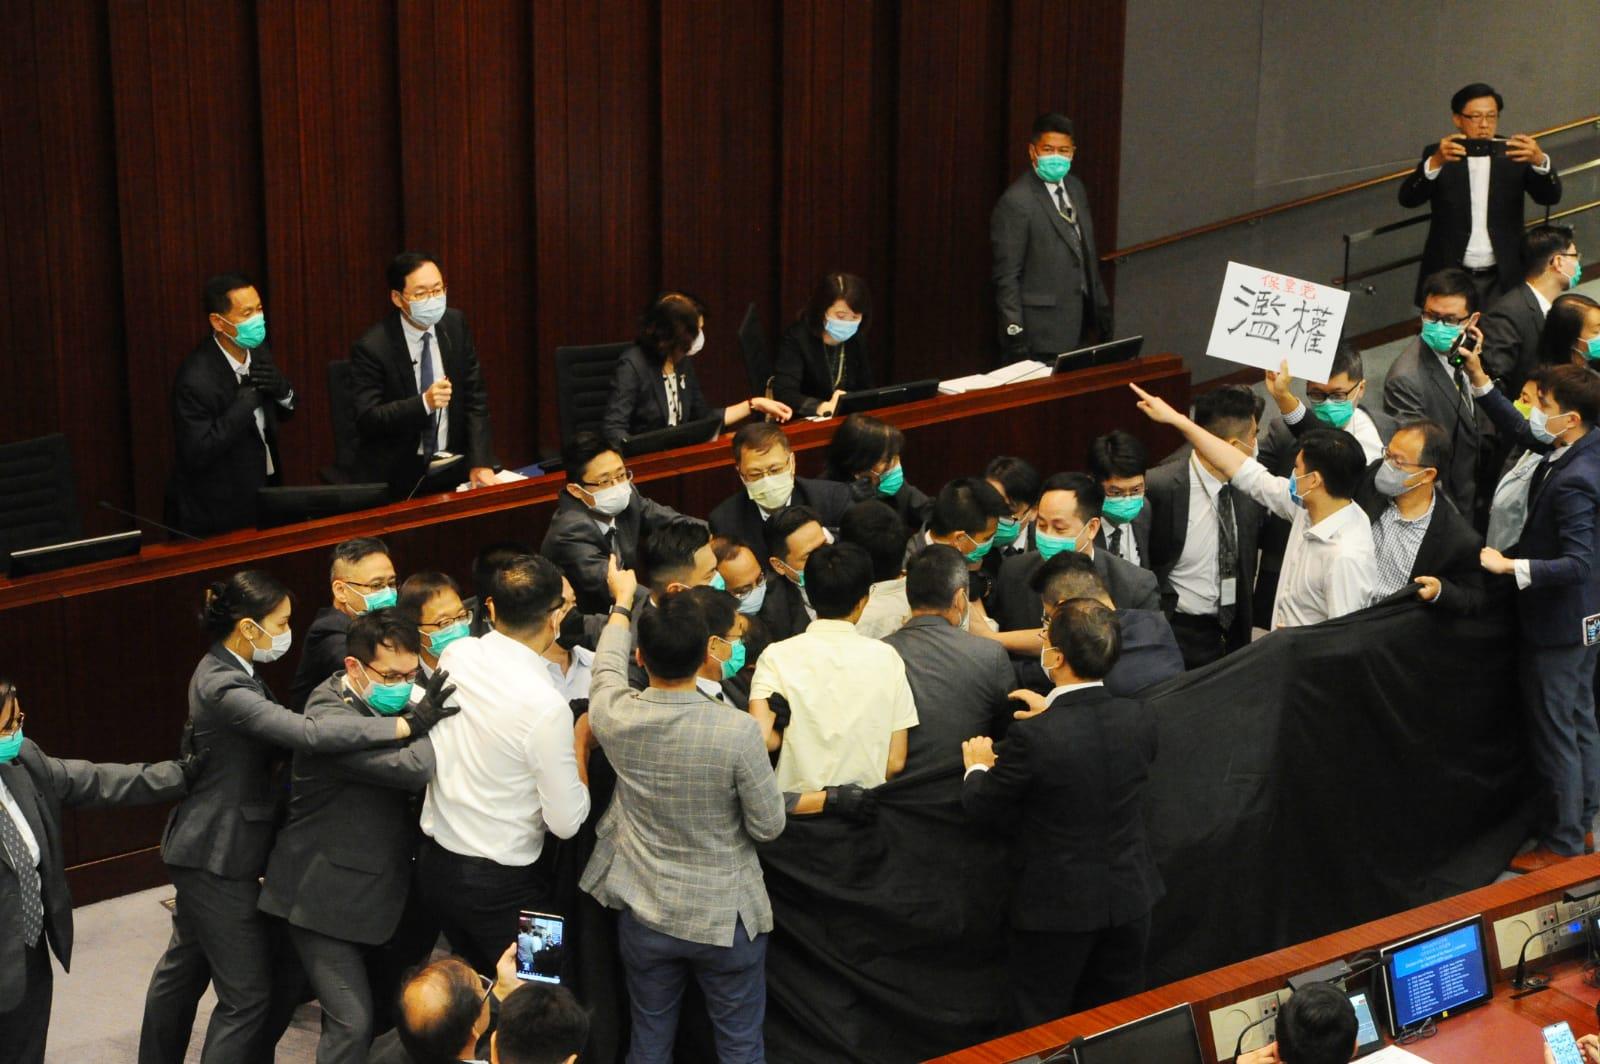 多名民主派議員也進入議事廳站在主席台前的保安人員旁邊,並打出標語「陳健波濫權」,同時質問陳健波,指其非法霸佔主席台,並拉起黑布抗議。(宋碧龍 / 大紀元)